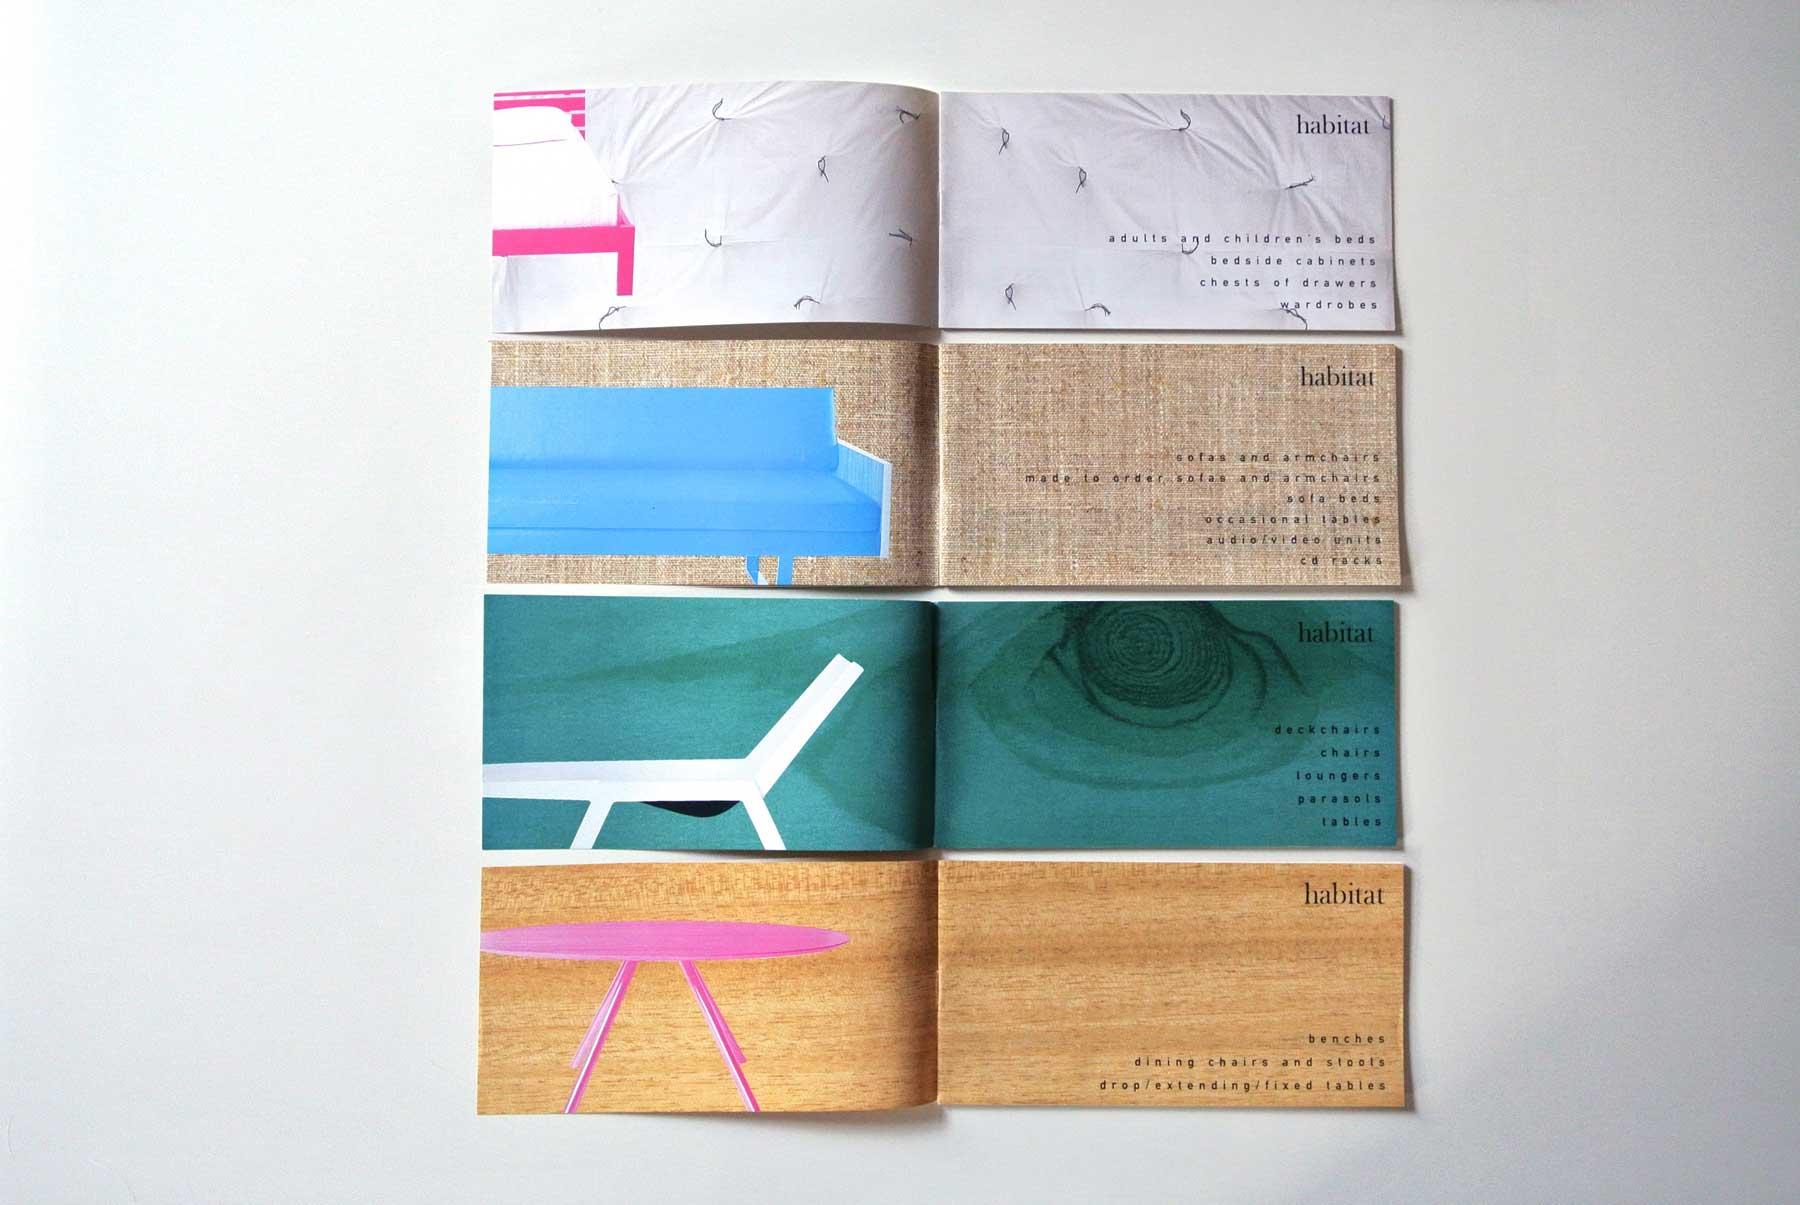 habitat_department_brochures_2